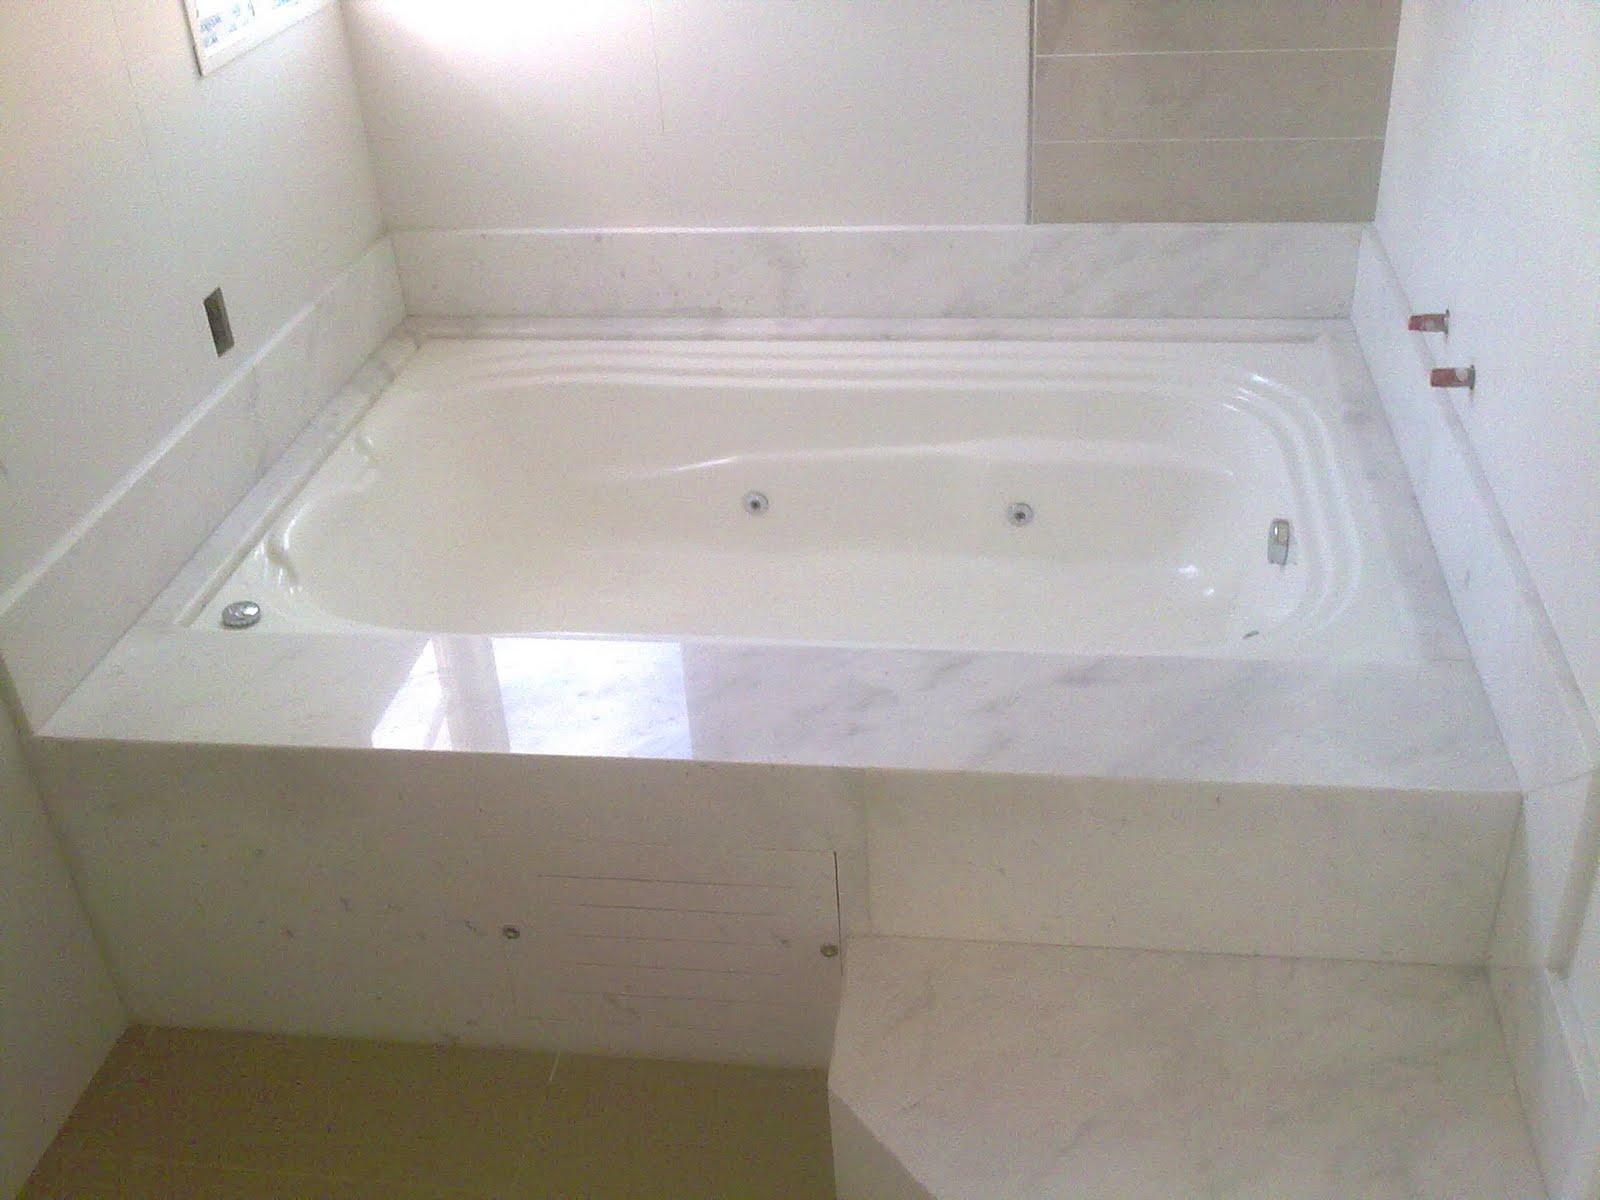 MARMORARIA JAB: BANHEIRA MÁRMORE BRANCO PIGUÊS IMPORTADO #514528 1600x1200 Banheiro Com Banheira Antiga